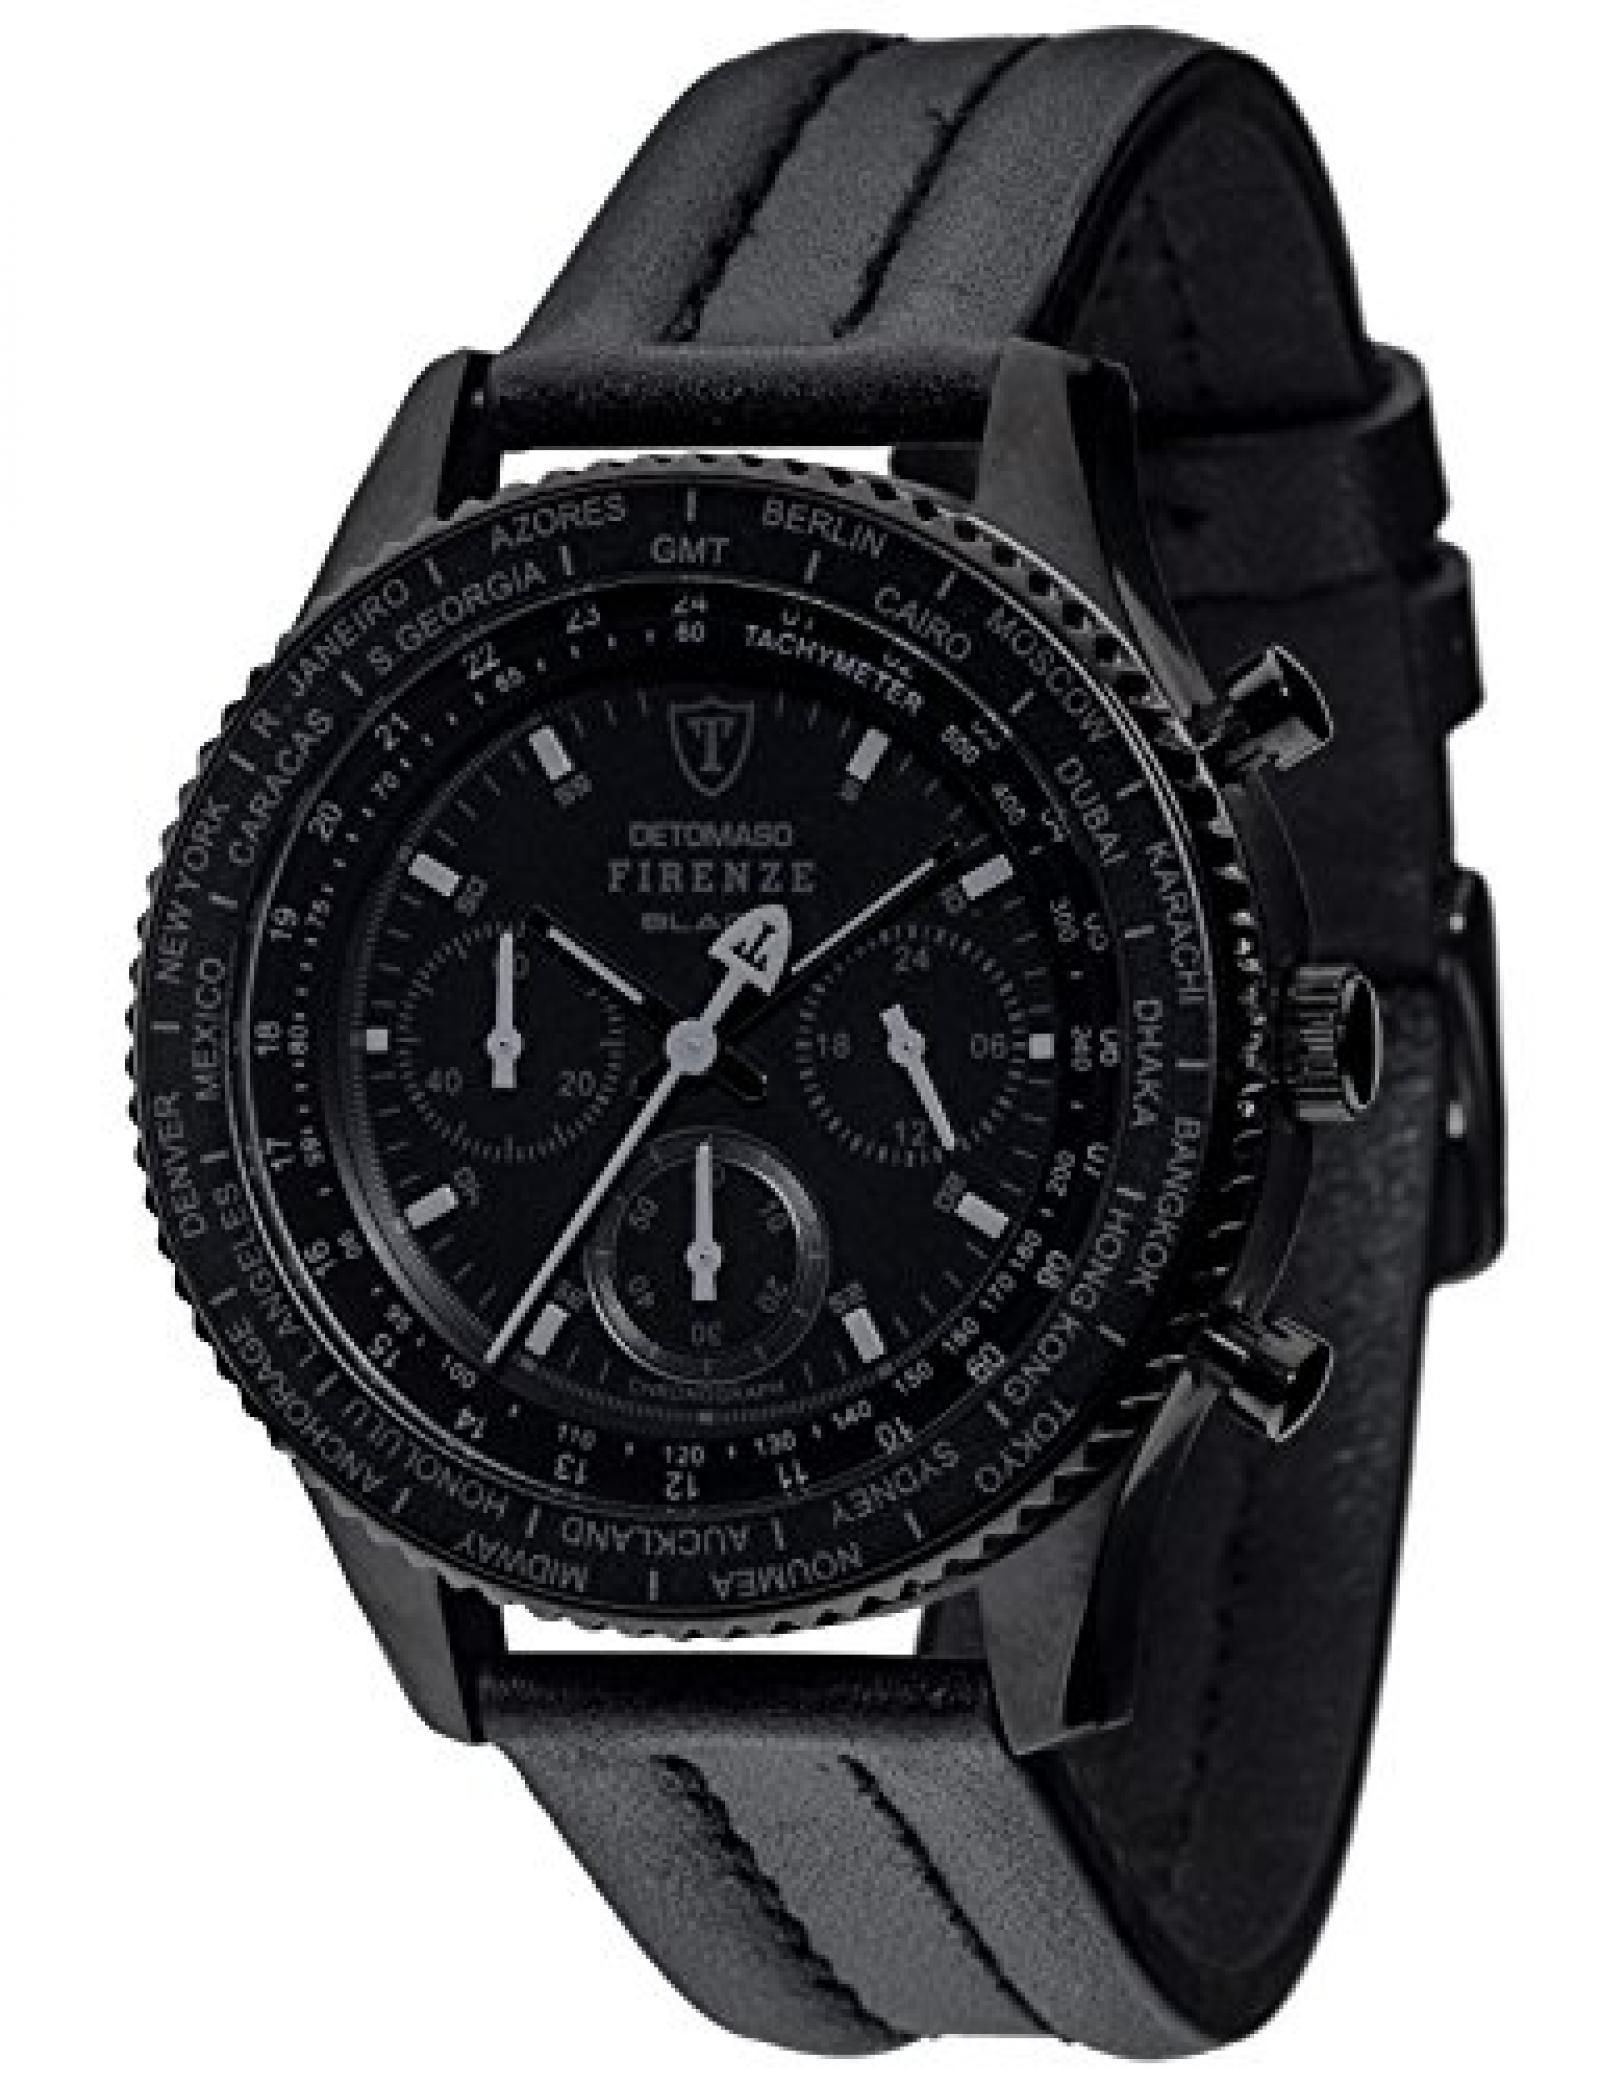 Detomaso Herren-Armbanduhr FIRENZE BLACK Chronograph Trend Quarz Leder DT1068-A